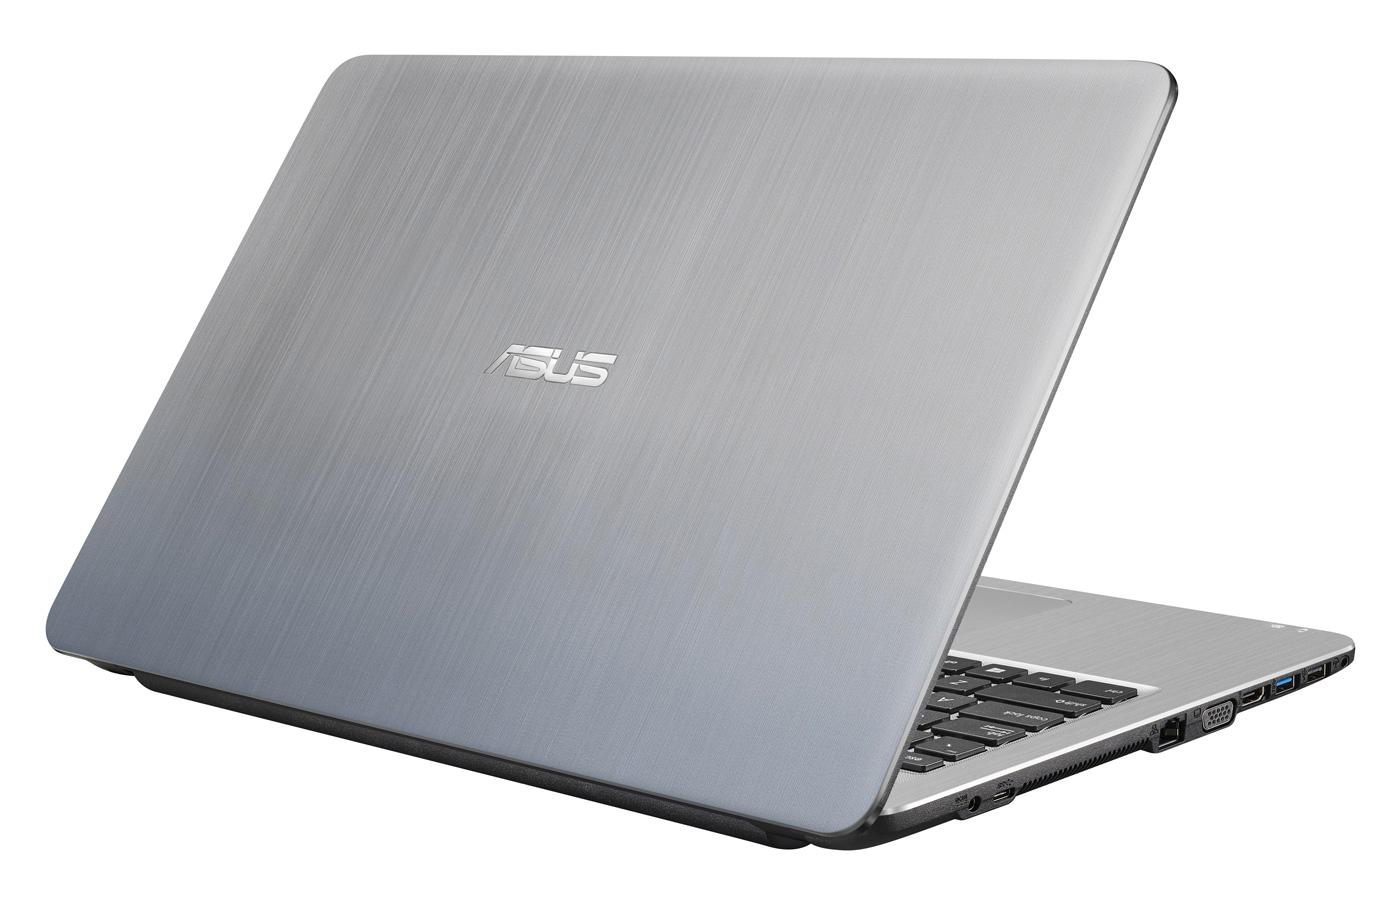 Ordinateur portable Asus X540SA-XX096T 15.6 pouces Leds Windows 10 64bits 4 Coeurs Intel Pentium N3700, informatique Reunion 974, Futur Réunion informatique